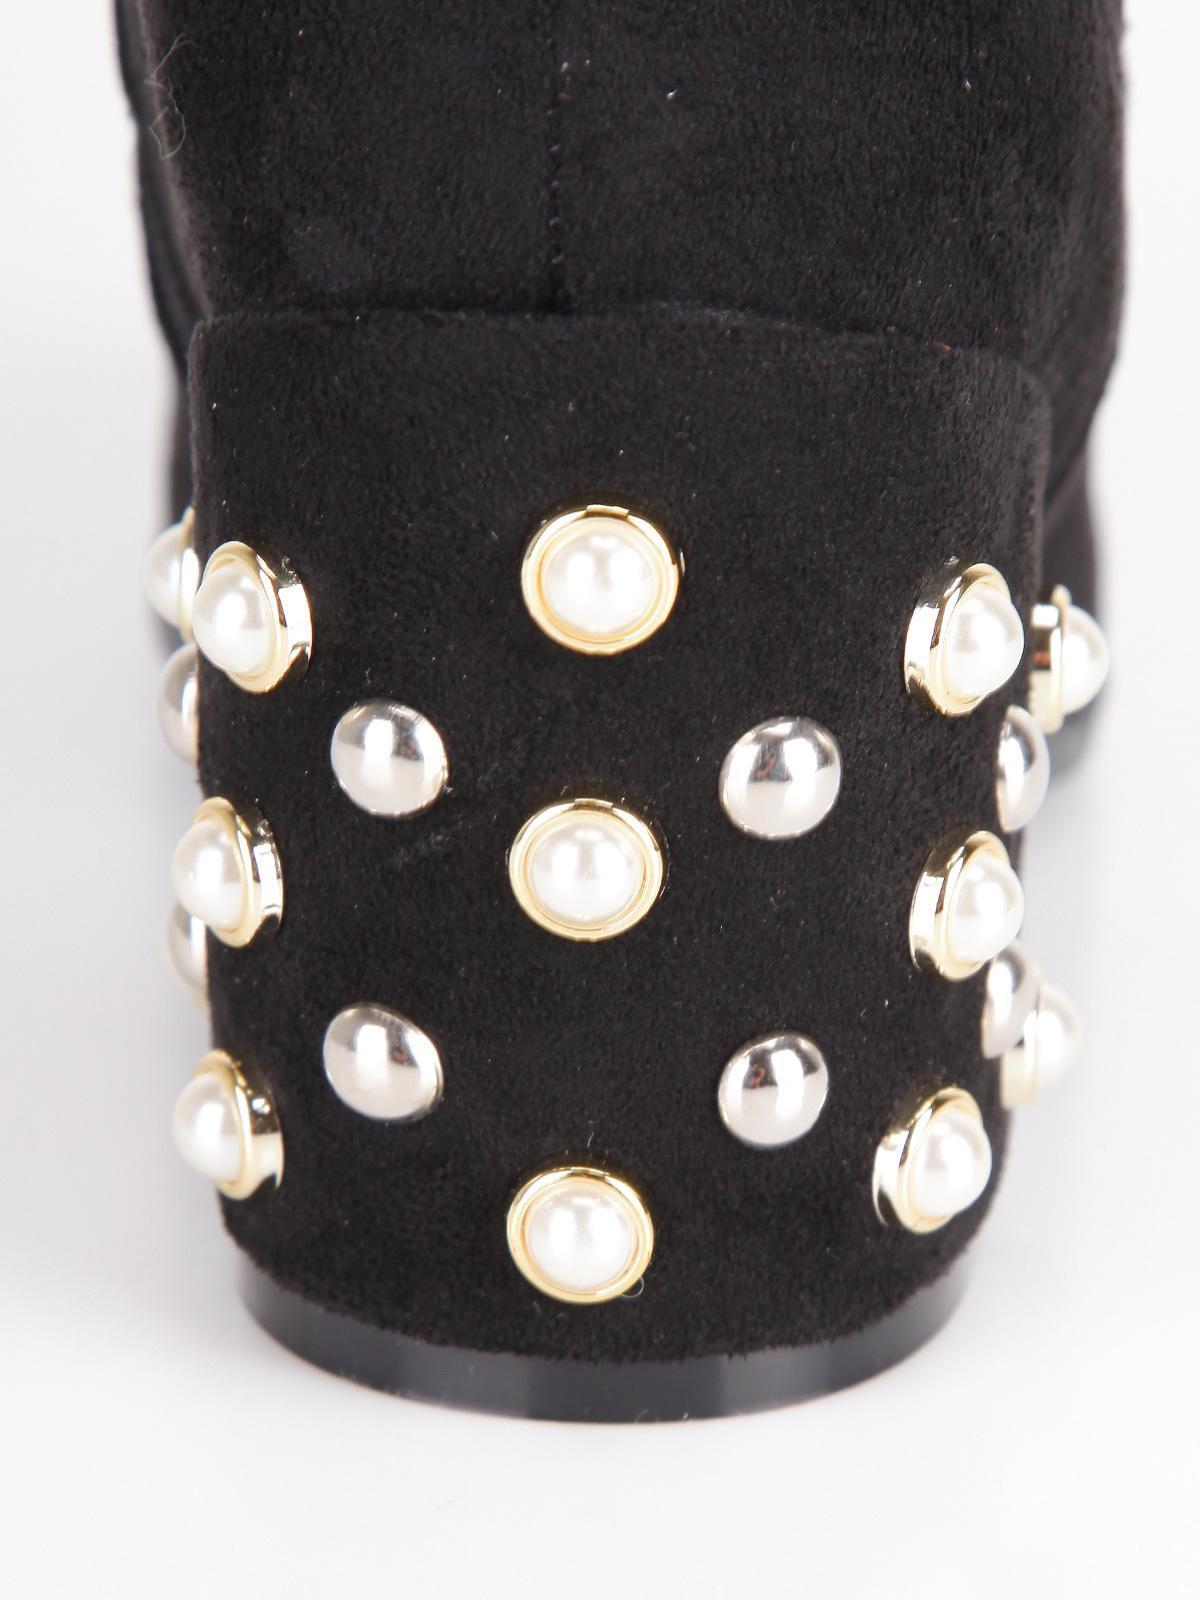 Stivali alti con perle Nero catisa | MecShopping